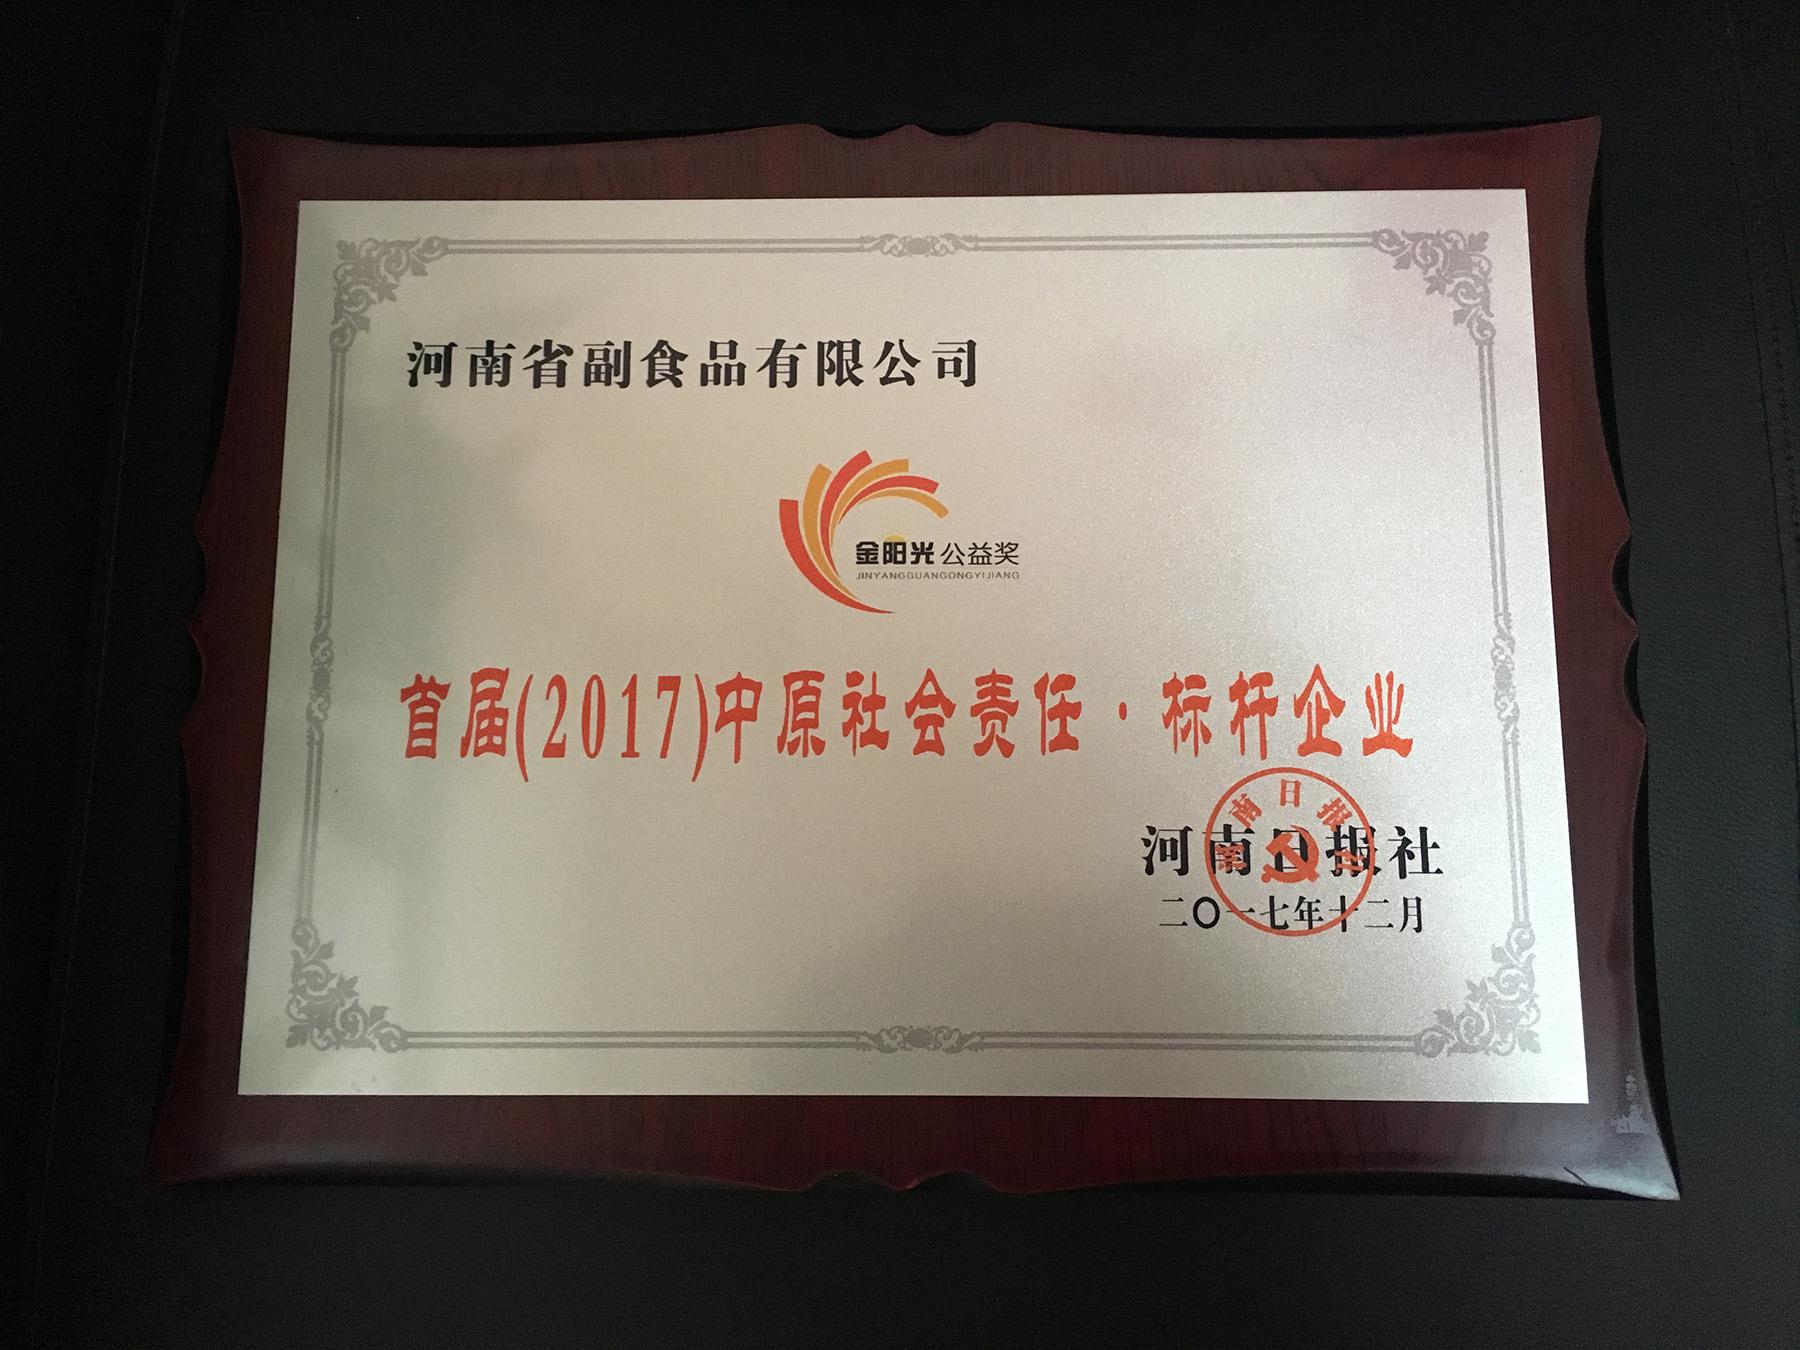 首屆(2017)中原社會責任·標桿企業